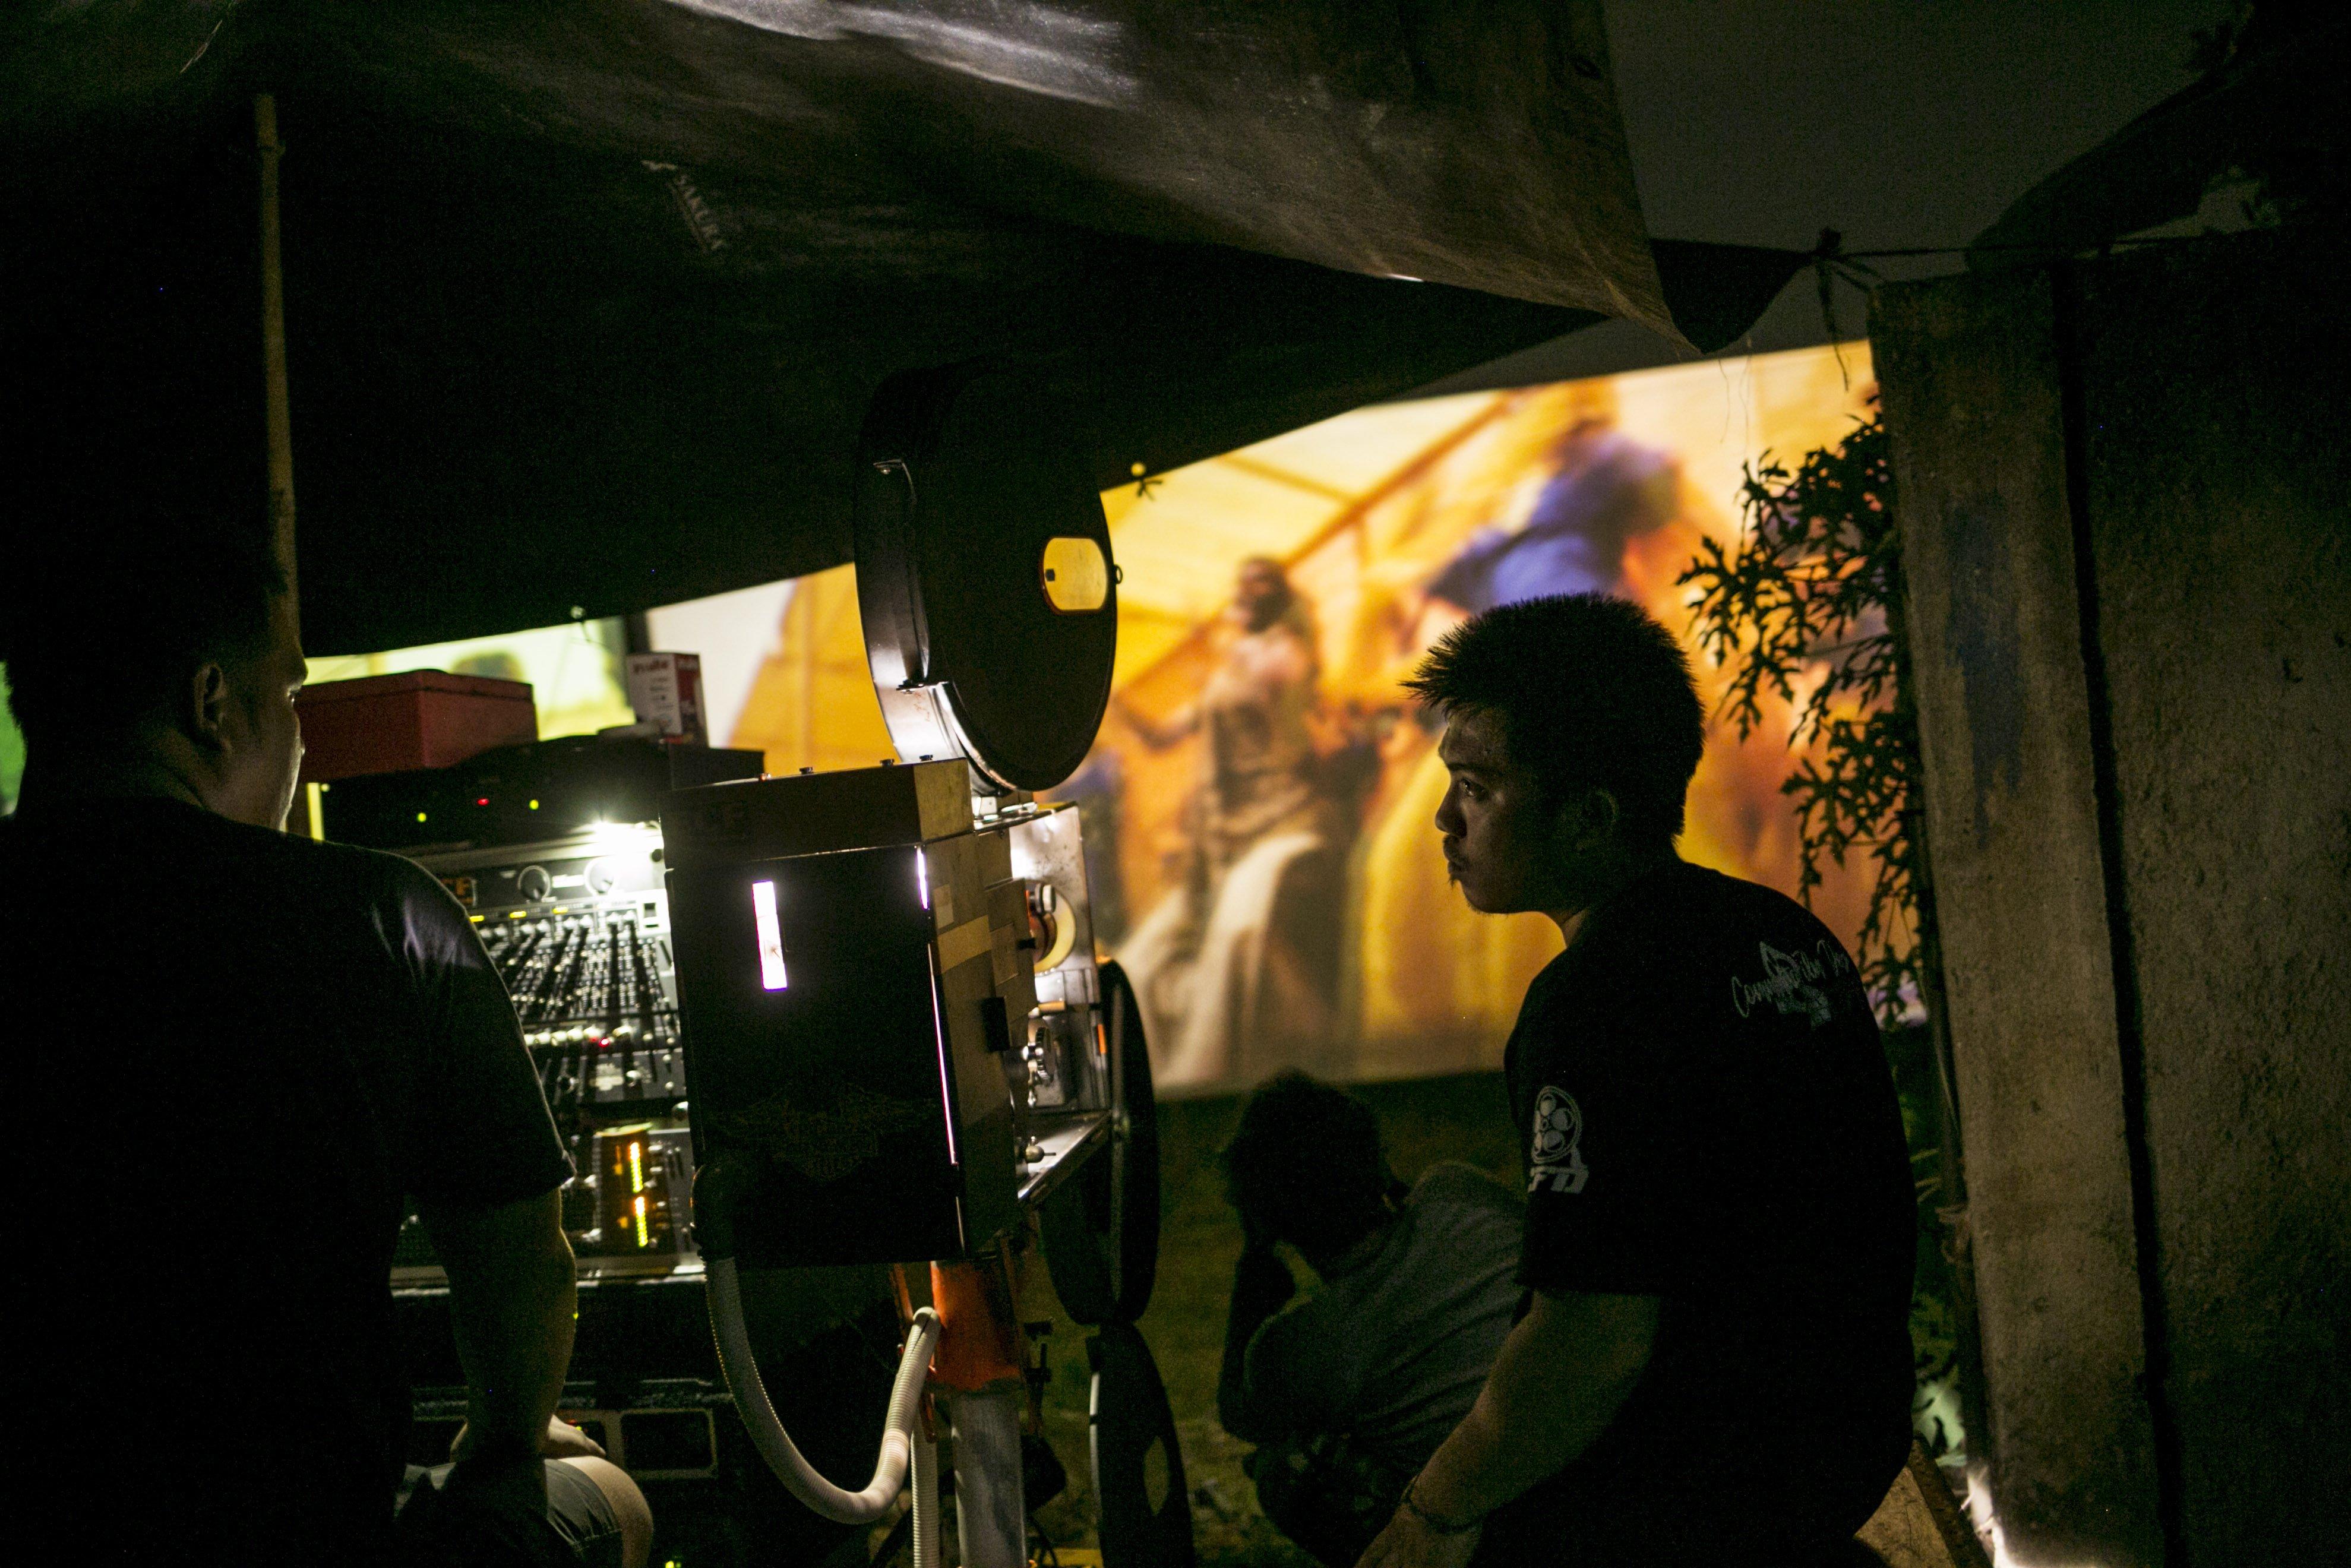 Teknisi memoperasikan proyektor film 35mm untuk pemutaran layar tancap di Kawasan Sawangan, Depok, Jawa Barat, Sabtu (11/7/2020).